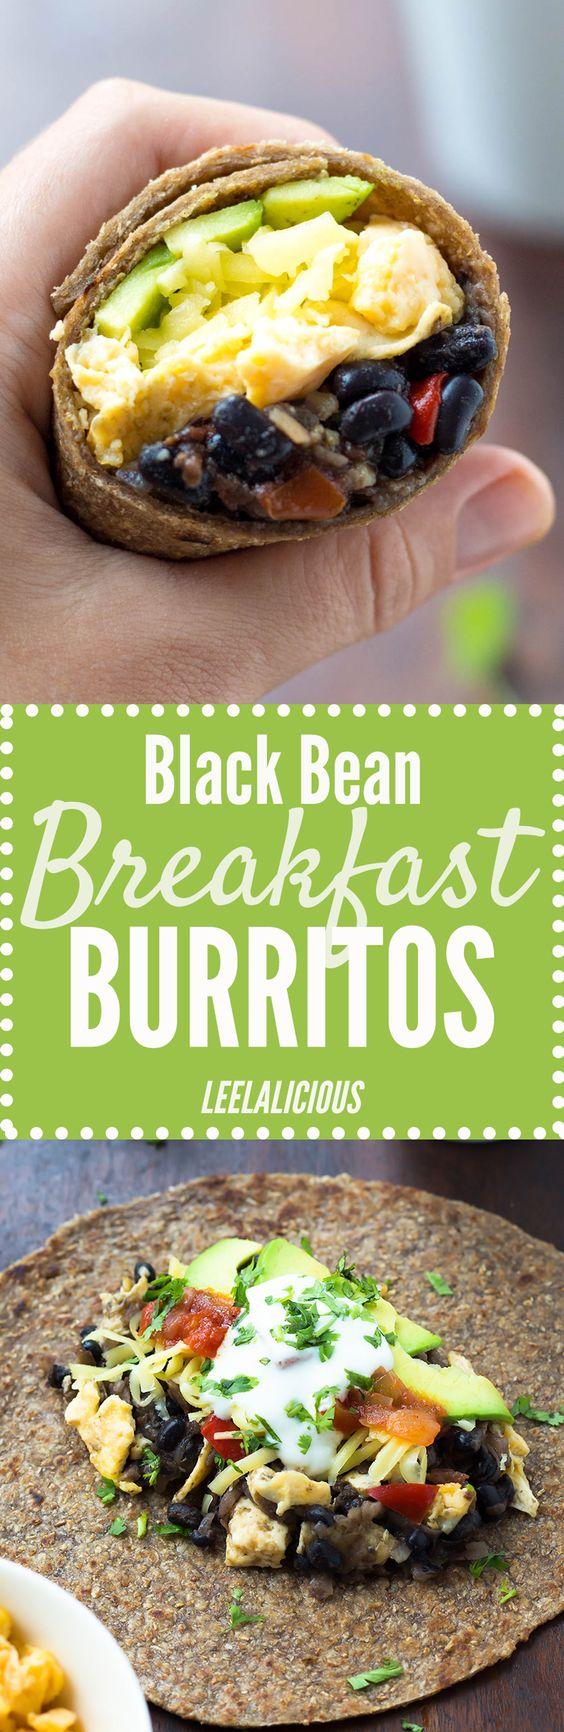 Black Bean Breakfast Burrito | Recipe | Breakfast Burritos, Breakfast ...